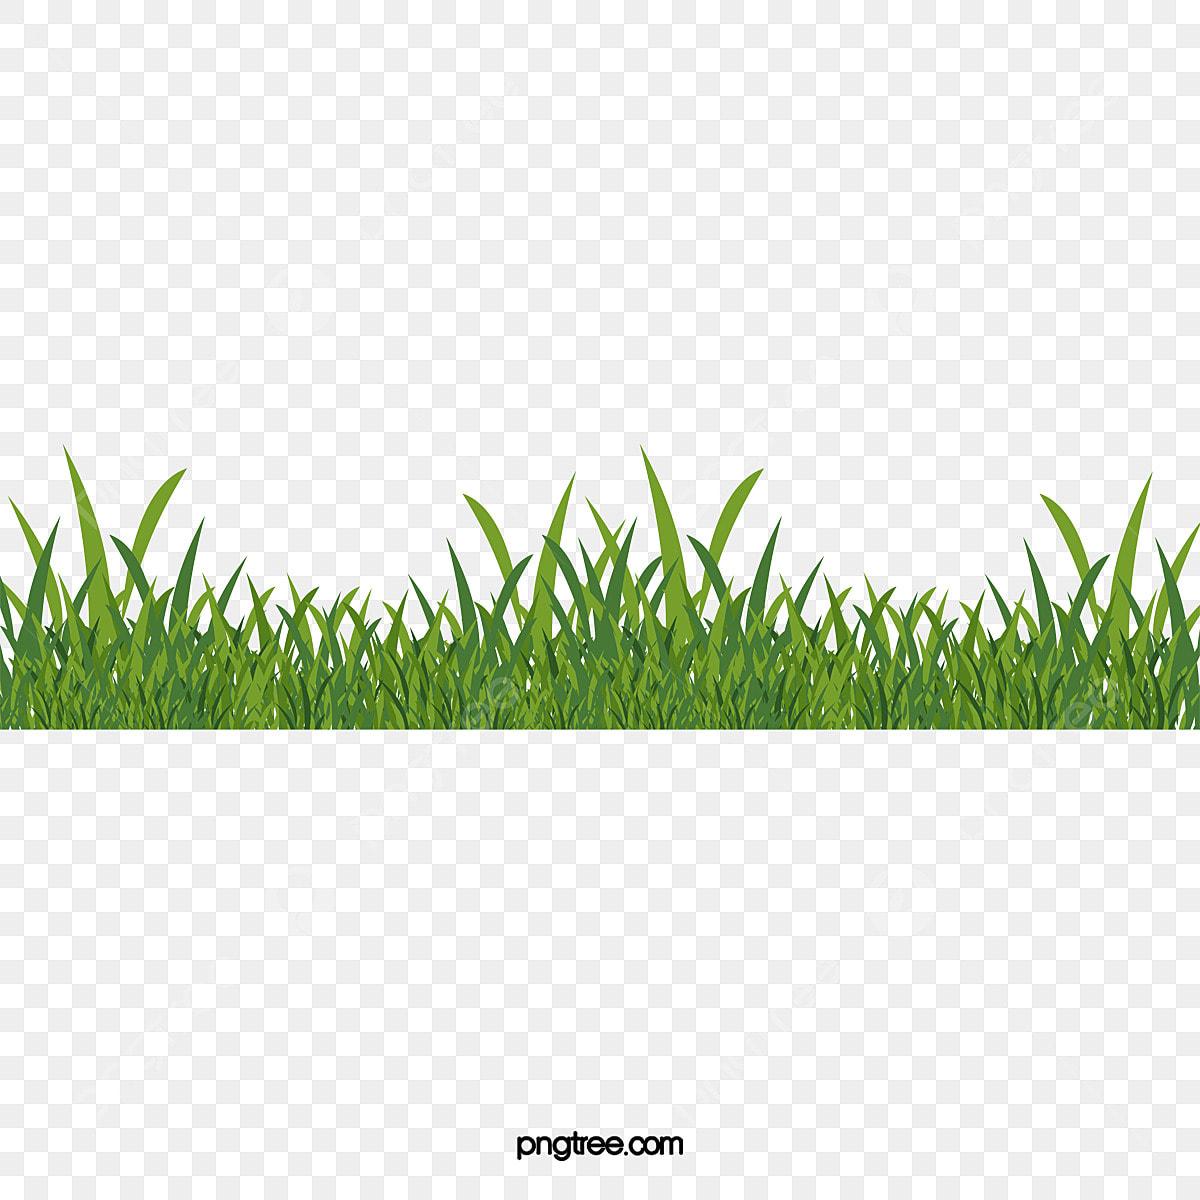 de l herbe verte vert de l herbe le dessin de l herbe png et vecteur pour t u00e9l u00e9chargement gratuit